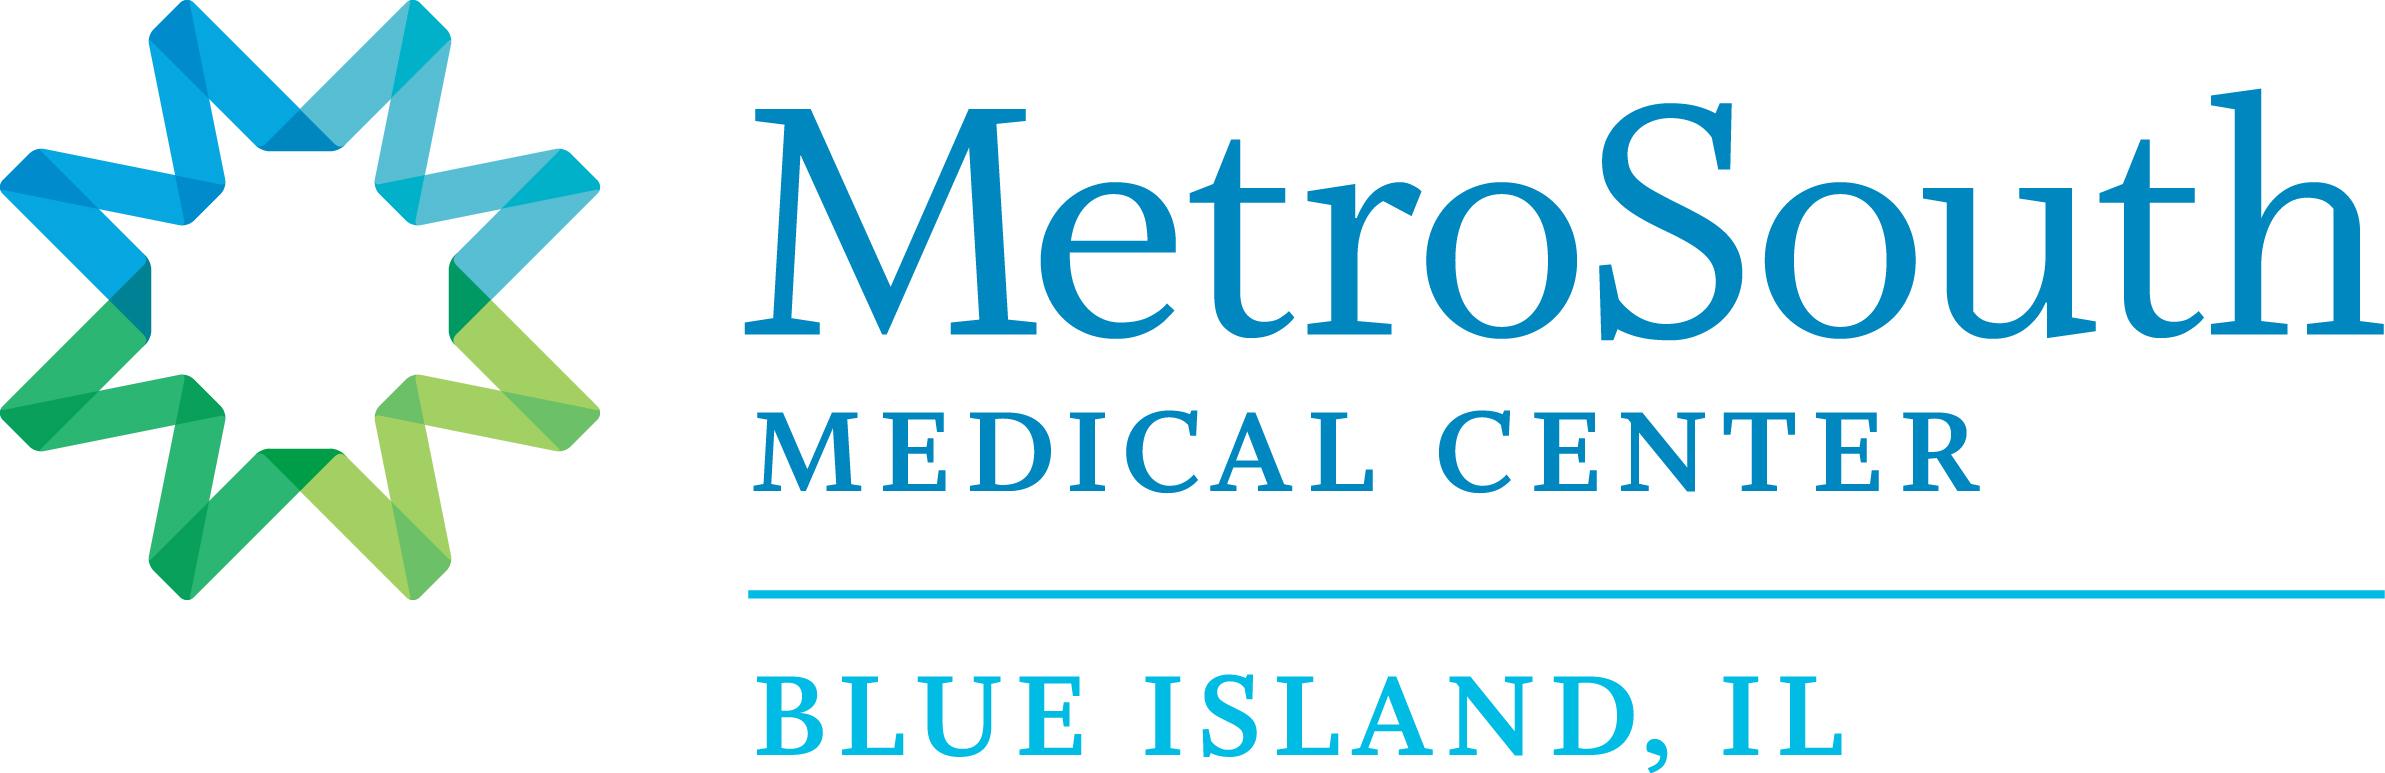 Metro South logo.jpg